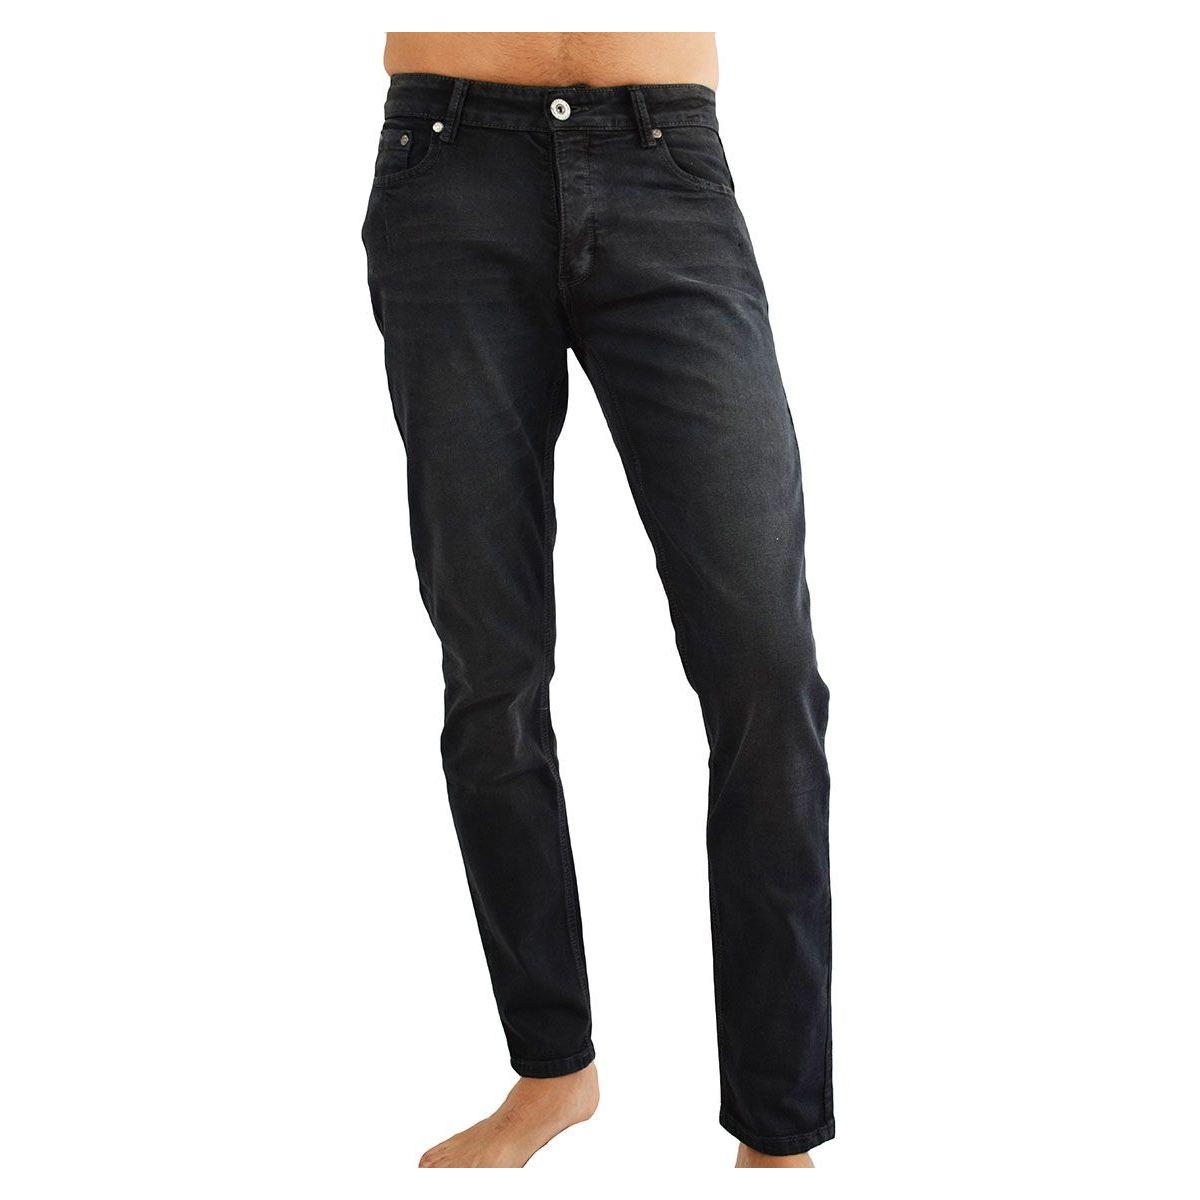 jeans homme fashion noir d lav nervur. Black Bedroom Furniture Sets. Home Design Ideas